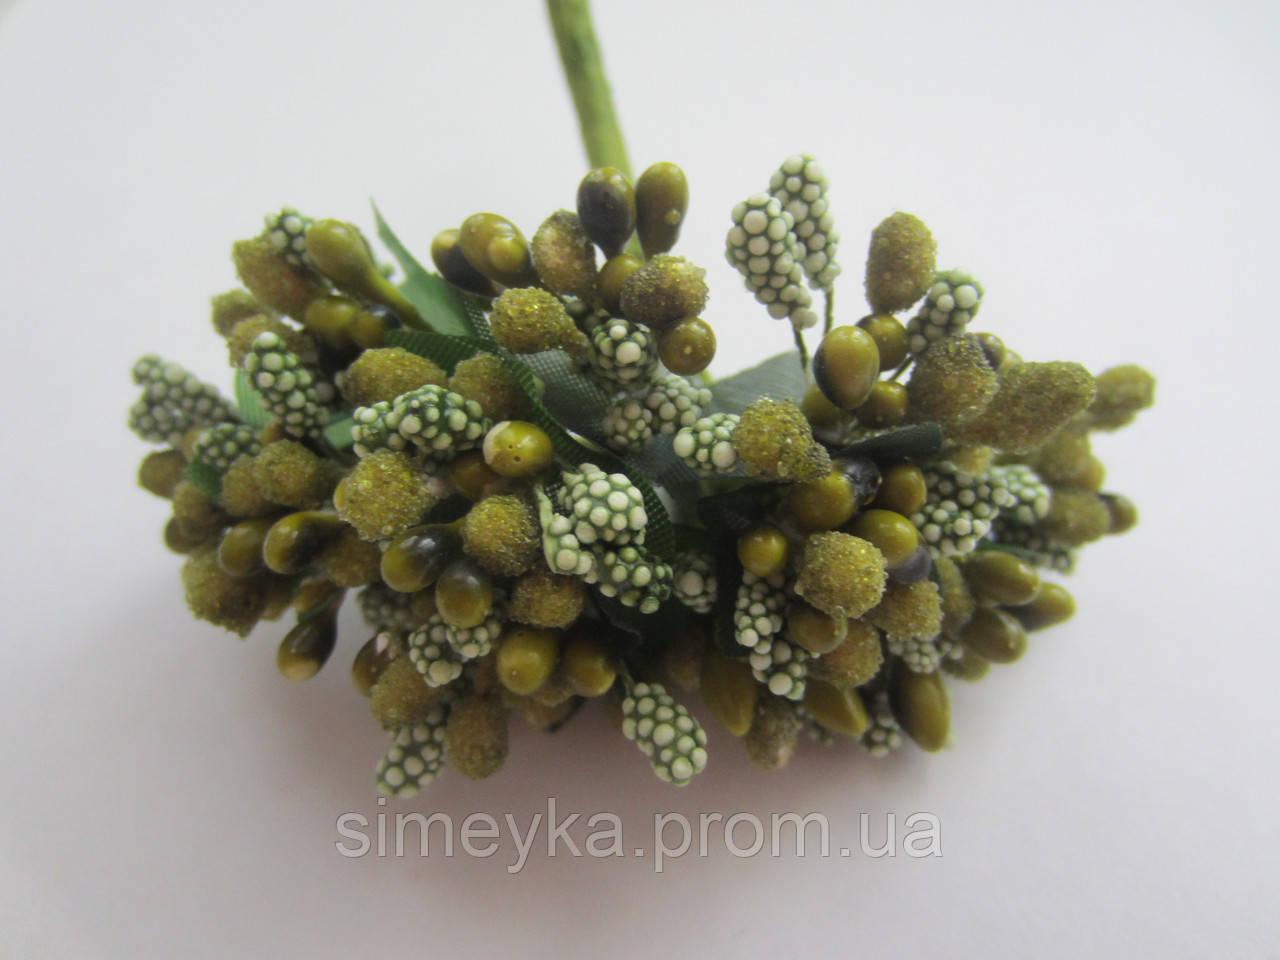 """Тычинки крупные, """"шишечки"""" оливкового цвета с зелёными листиками, букетик из 11 соцветий, длина 12 см"""